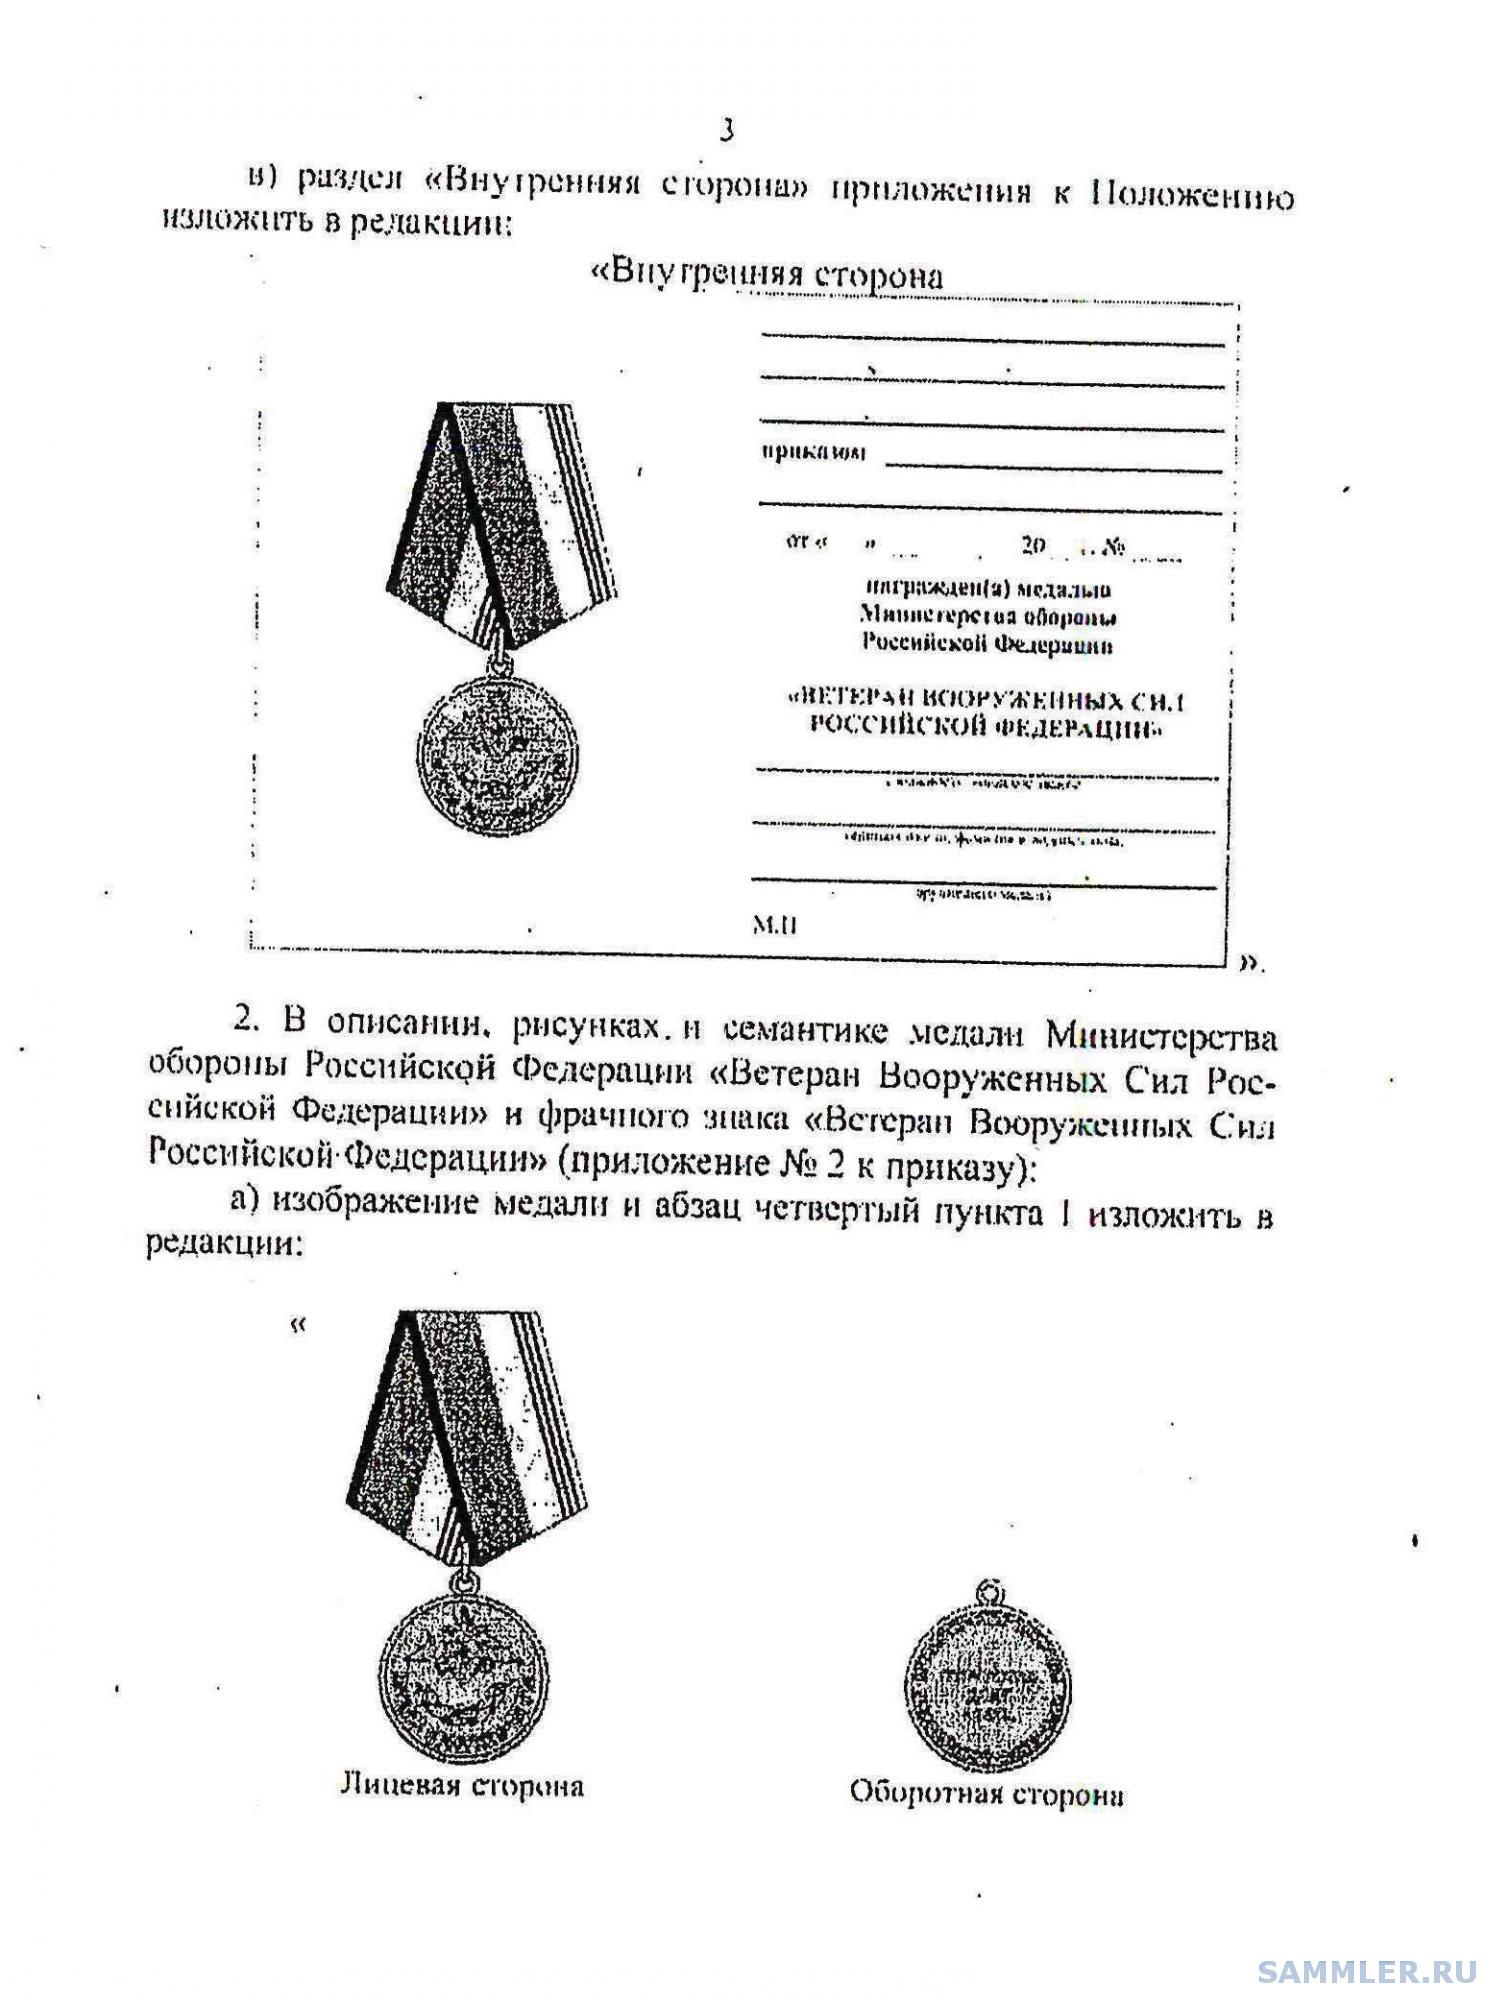 551 - 3.jpg